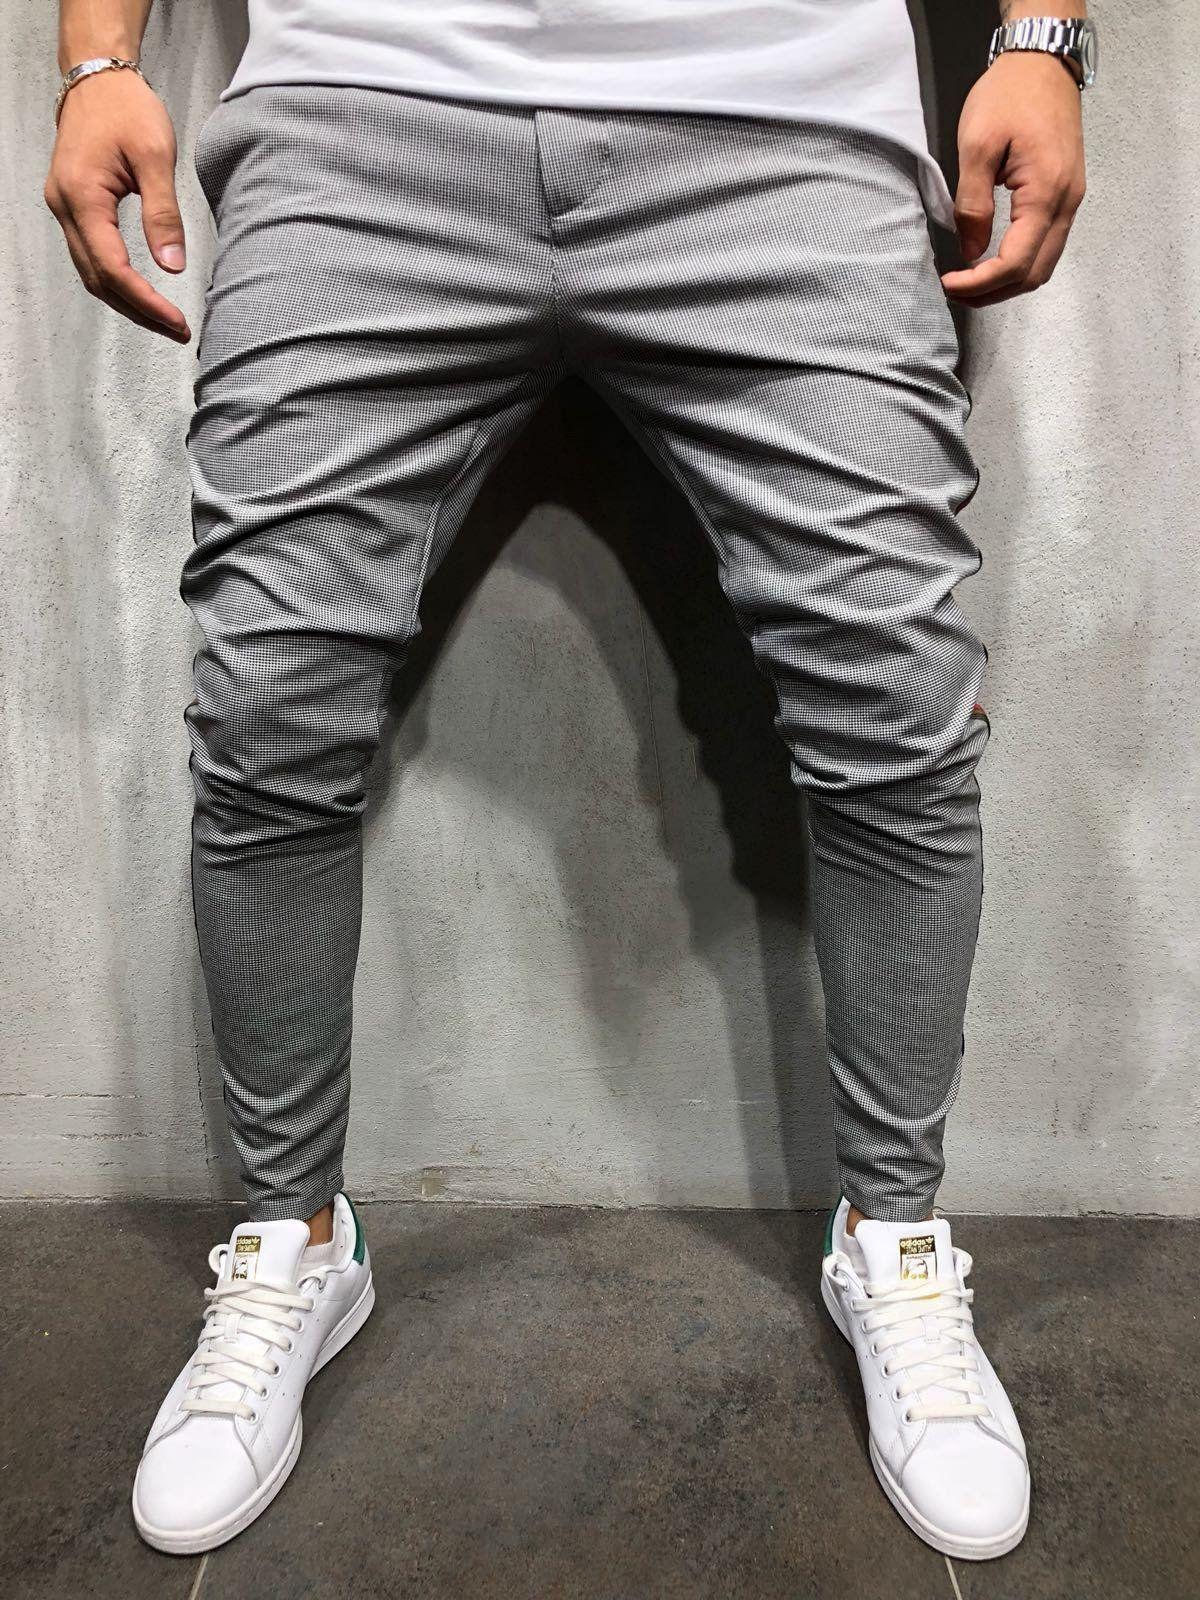 1dacead9c Men's Fashion – How to Nail Office wear. Herringbone Ankle Pants Side  Stripes - Gray . . . . #stripedpants #streetwearstyle #trouserspants